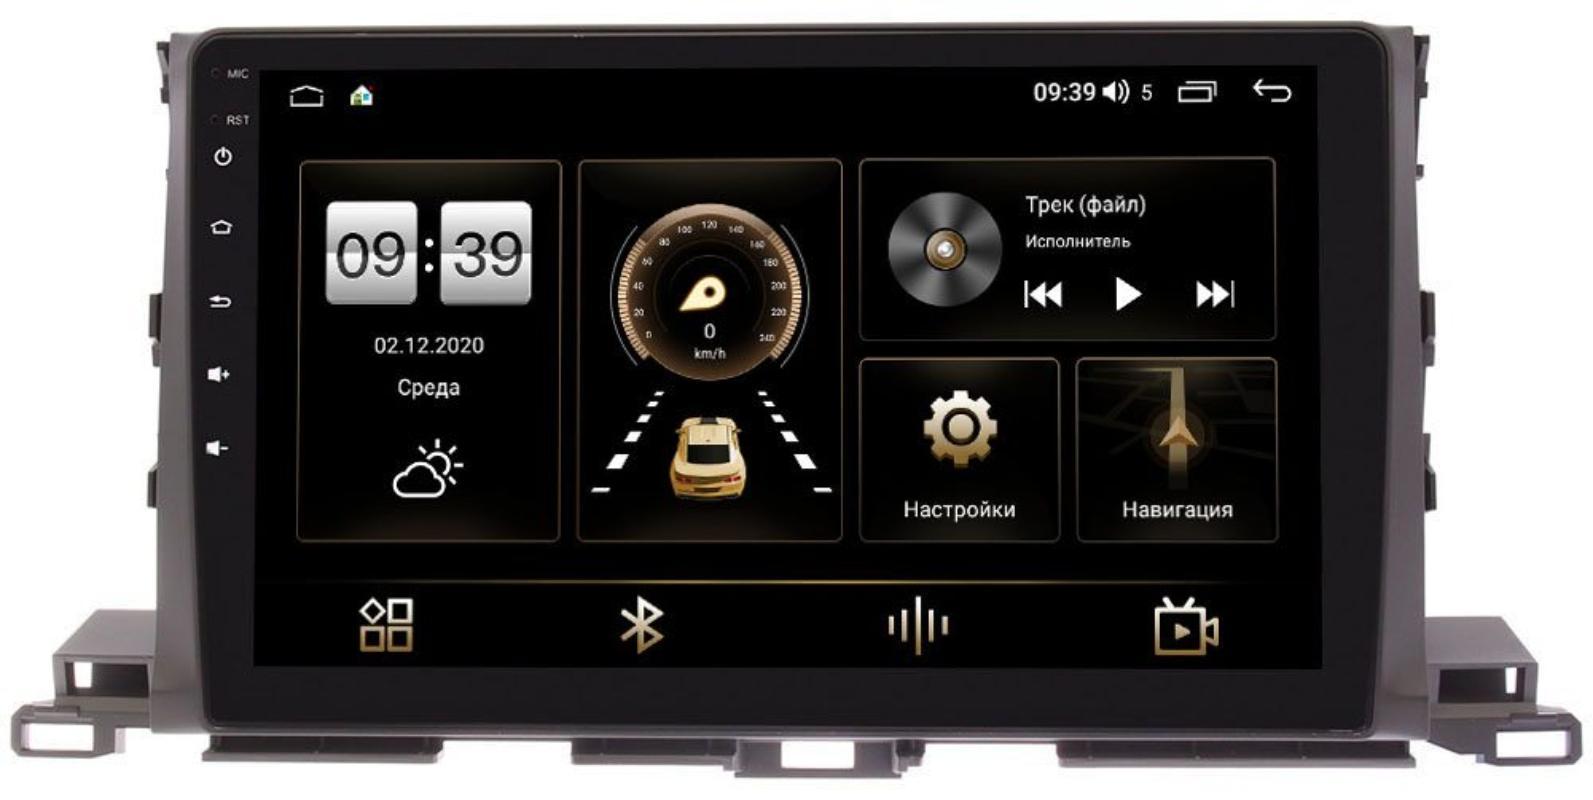 Штатная магнитола Toyota Highlander (U50) 2013-2019 LeTrun 4165-1035 на Android 10 (4G-SIM, 3/32, DSP, QLed) (+ Камера заднего вида в подарок!)